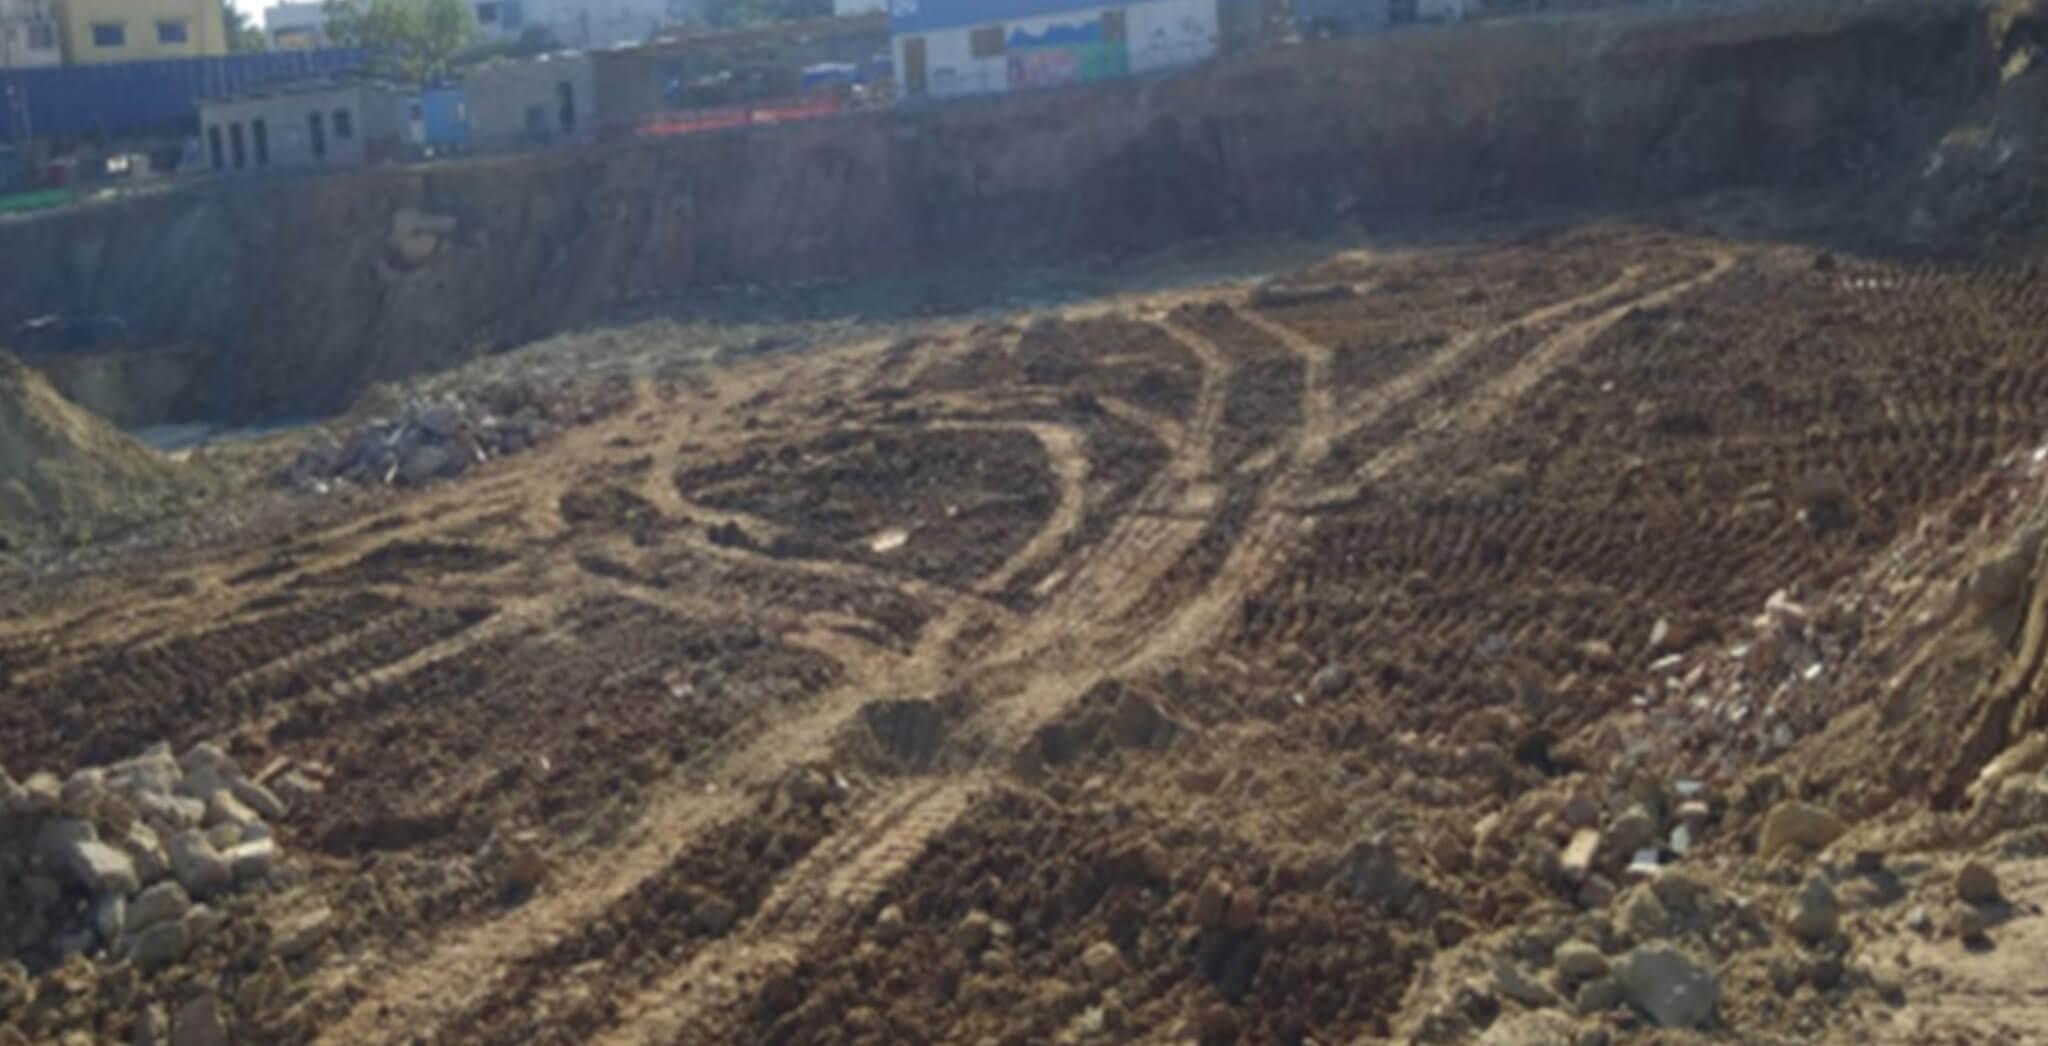 Mar 2020 - Tower Zenith & Tower A3: Excavation under progress